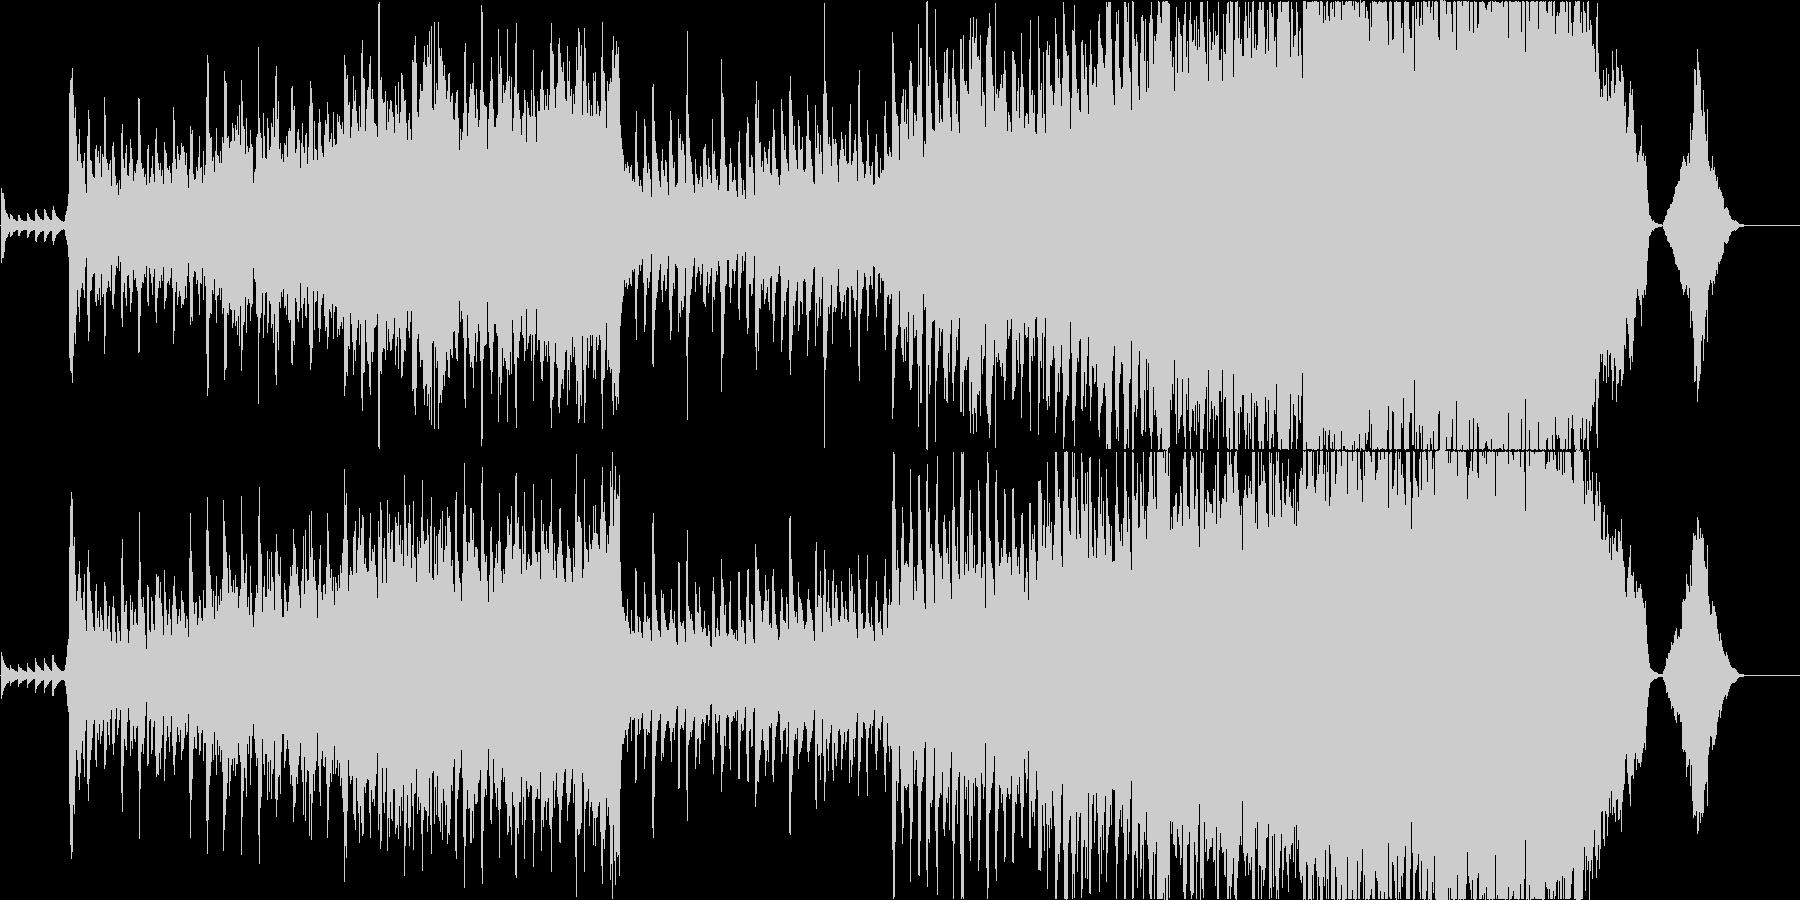 オーケストラを使用した、壮大で力強い曲の未再生の波形